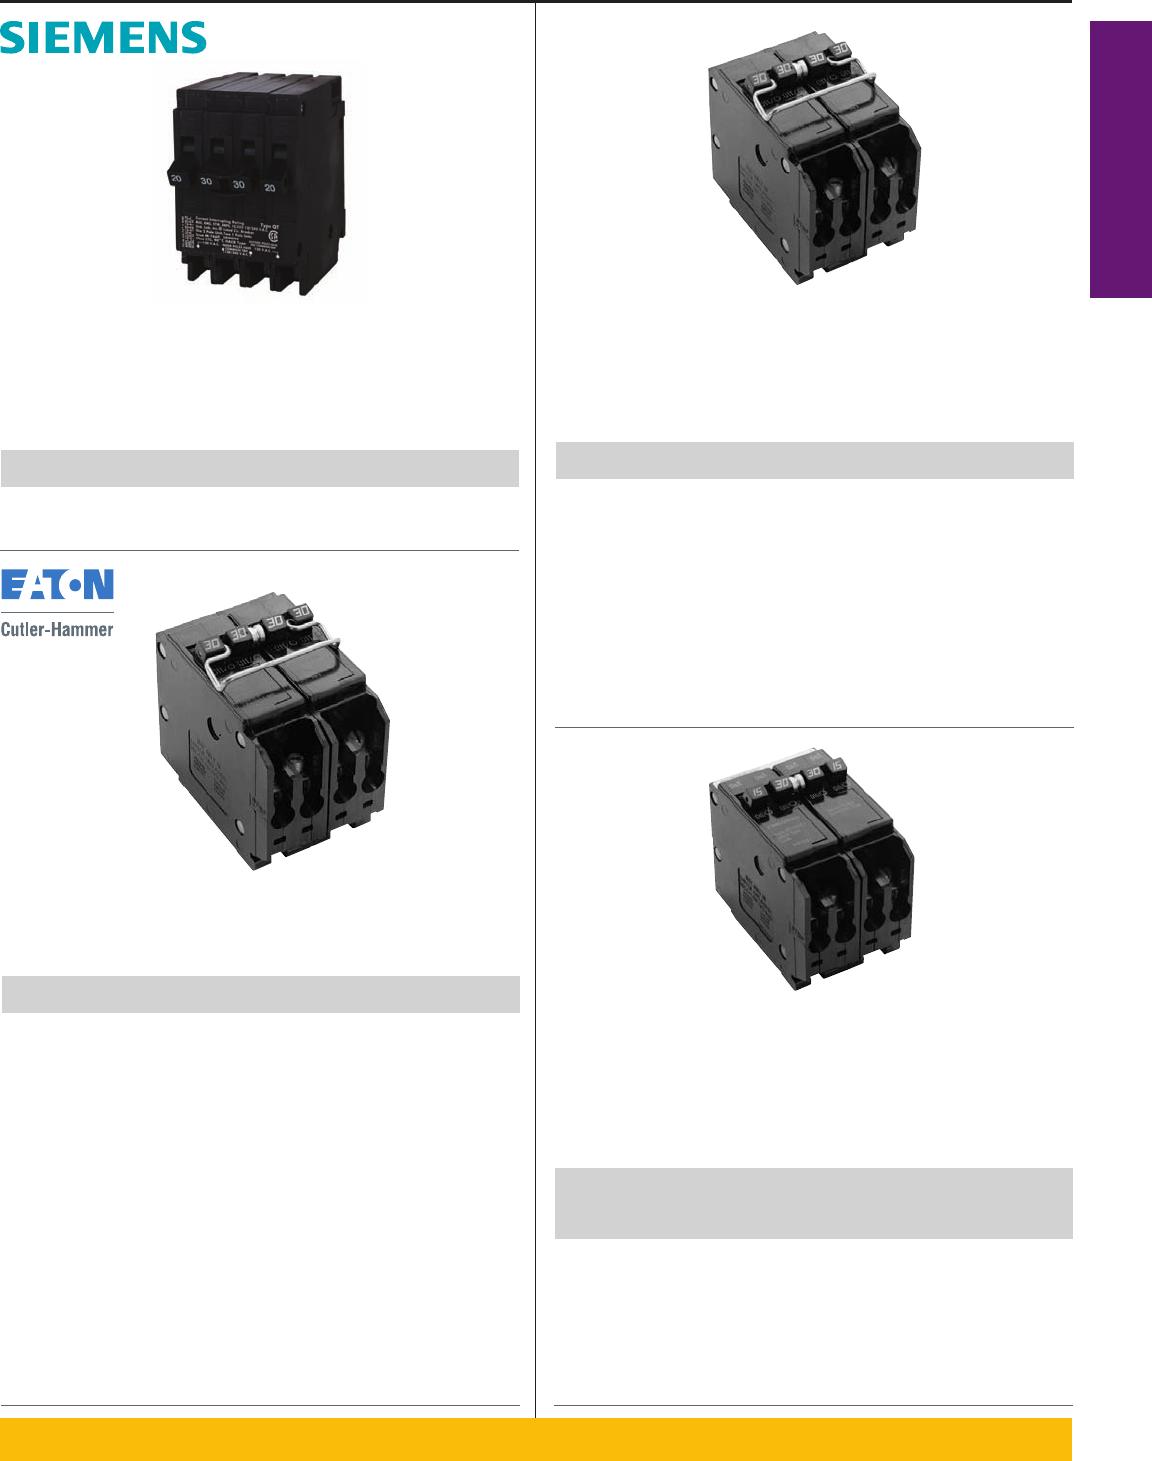 CUTLER-HAMMER CH110 10 AMP CIRCUIT BREAKER